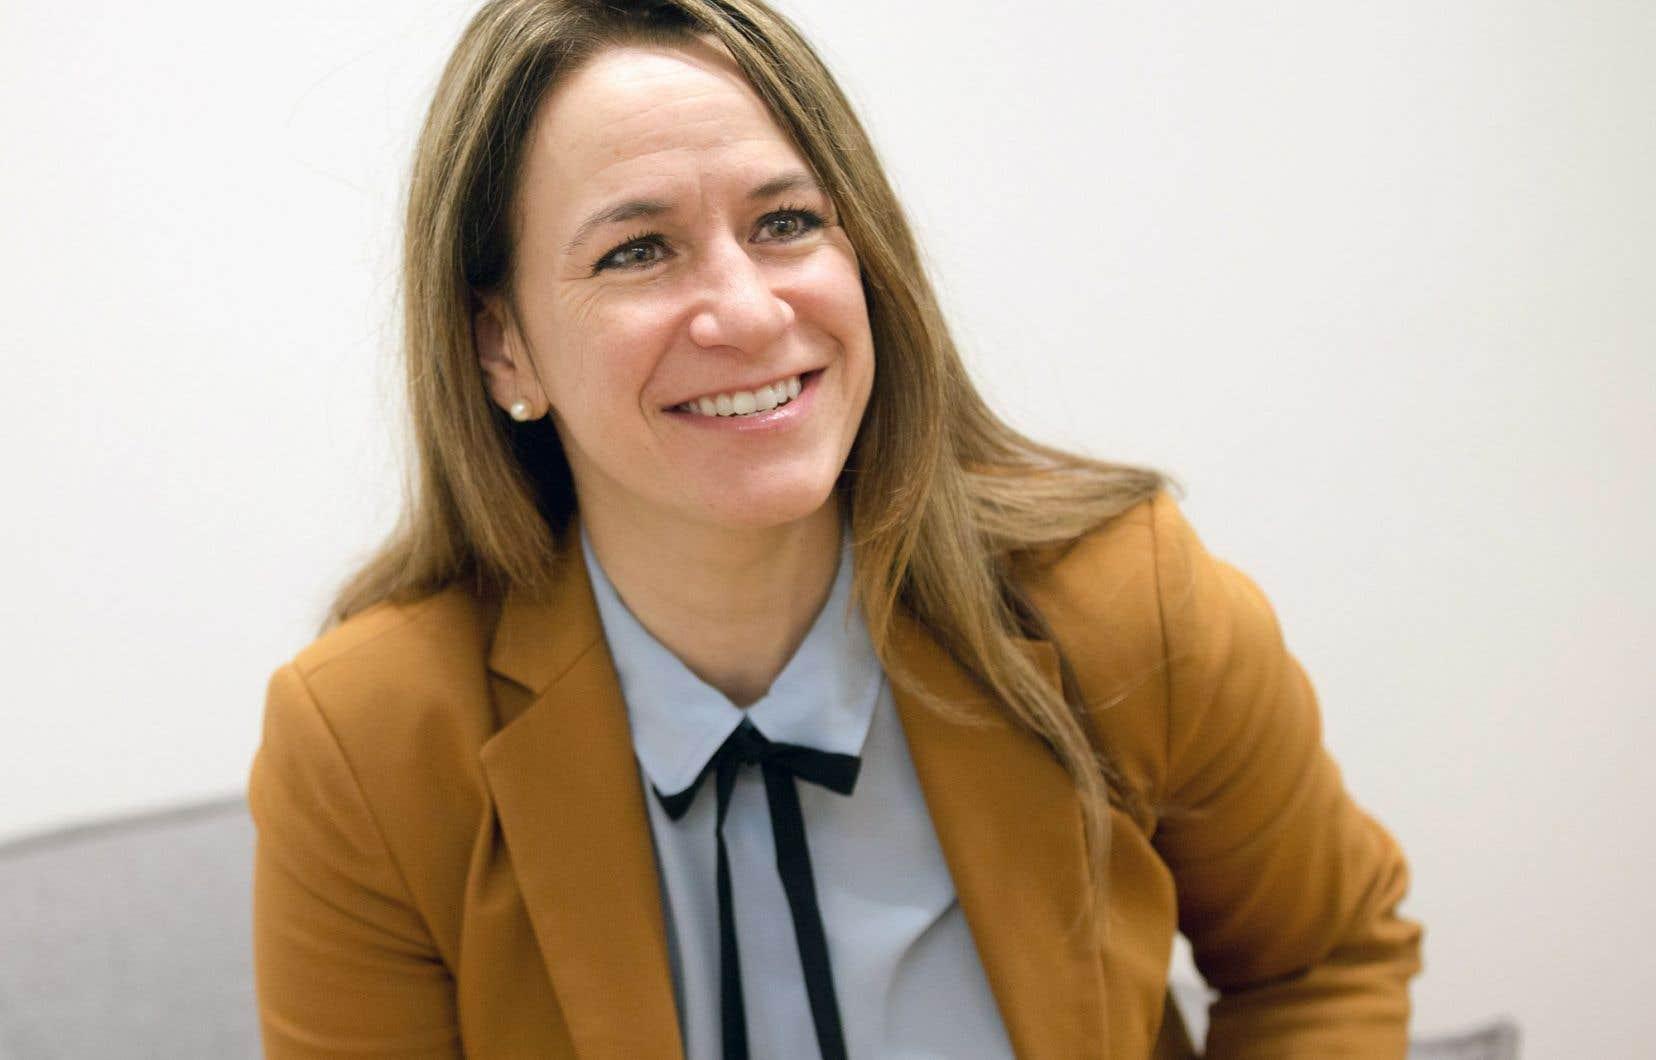 Julie Dufresne a créé la plateforme de recrutement emploiretraite.ca consacrée aux 50ans et plus.